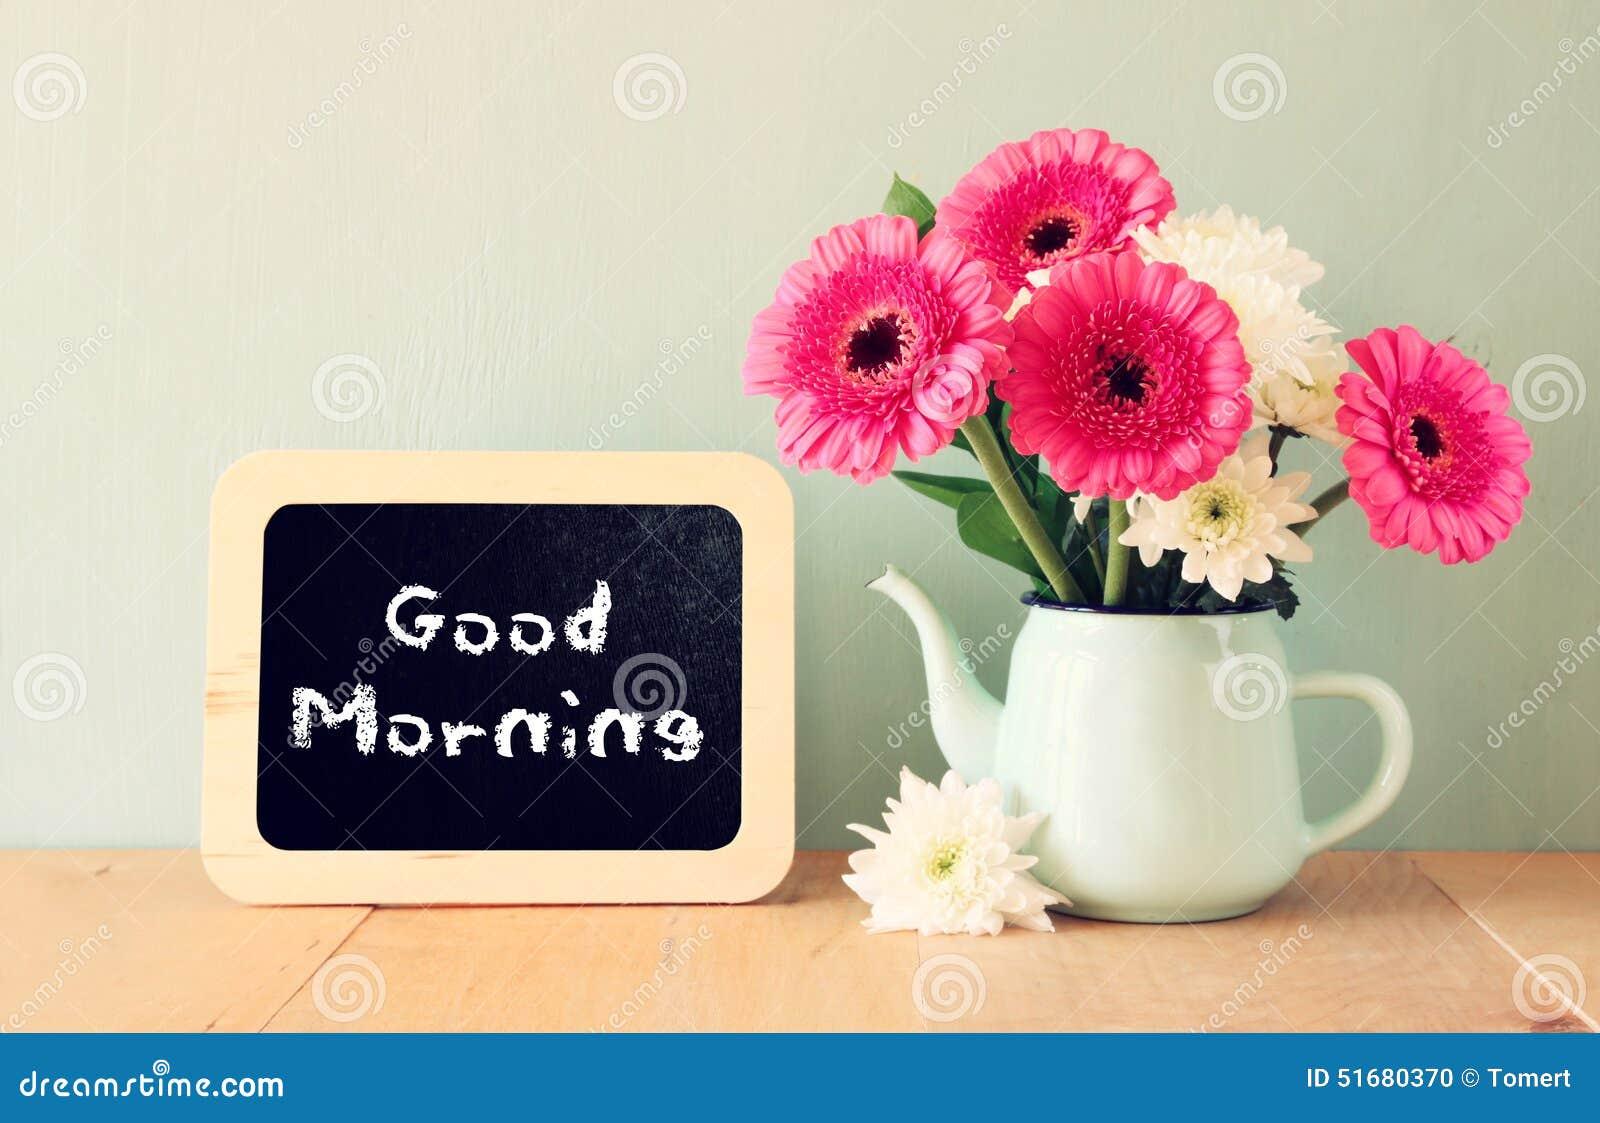 Quadro-negro com o bom dia da frase escrito nele ao lado do vaso com flores frescas